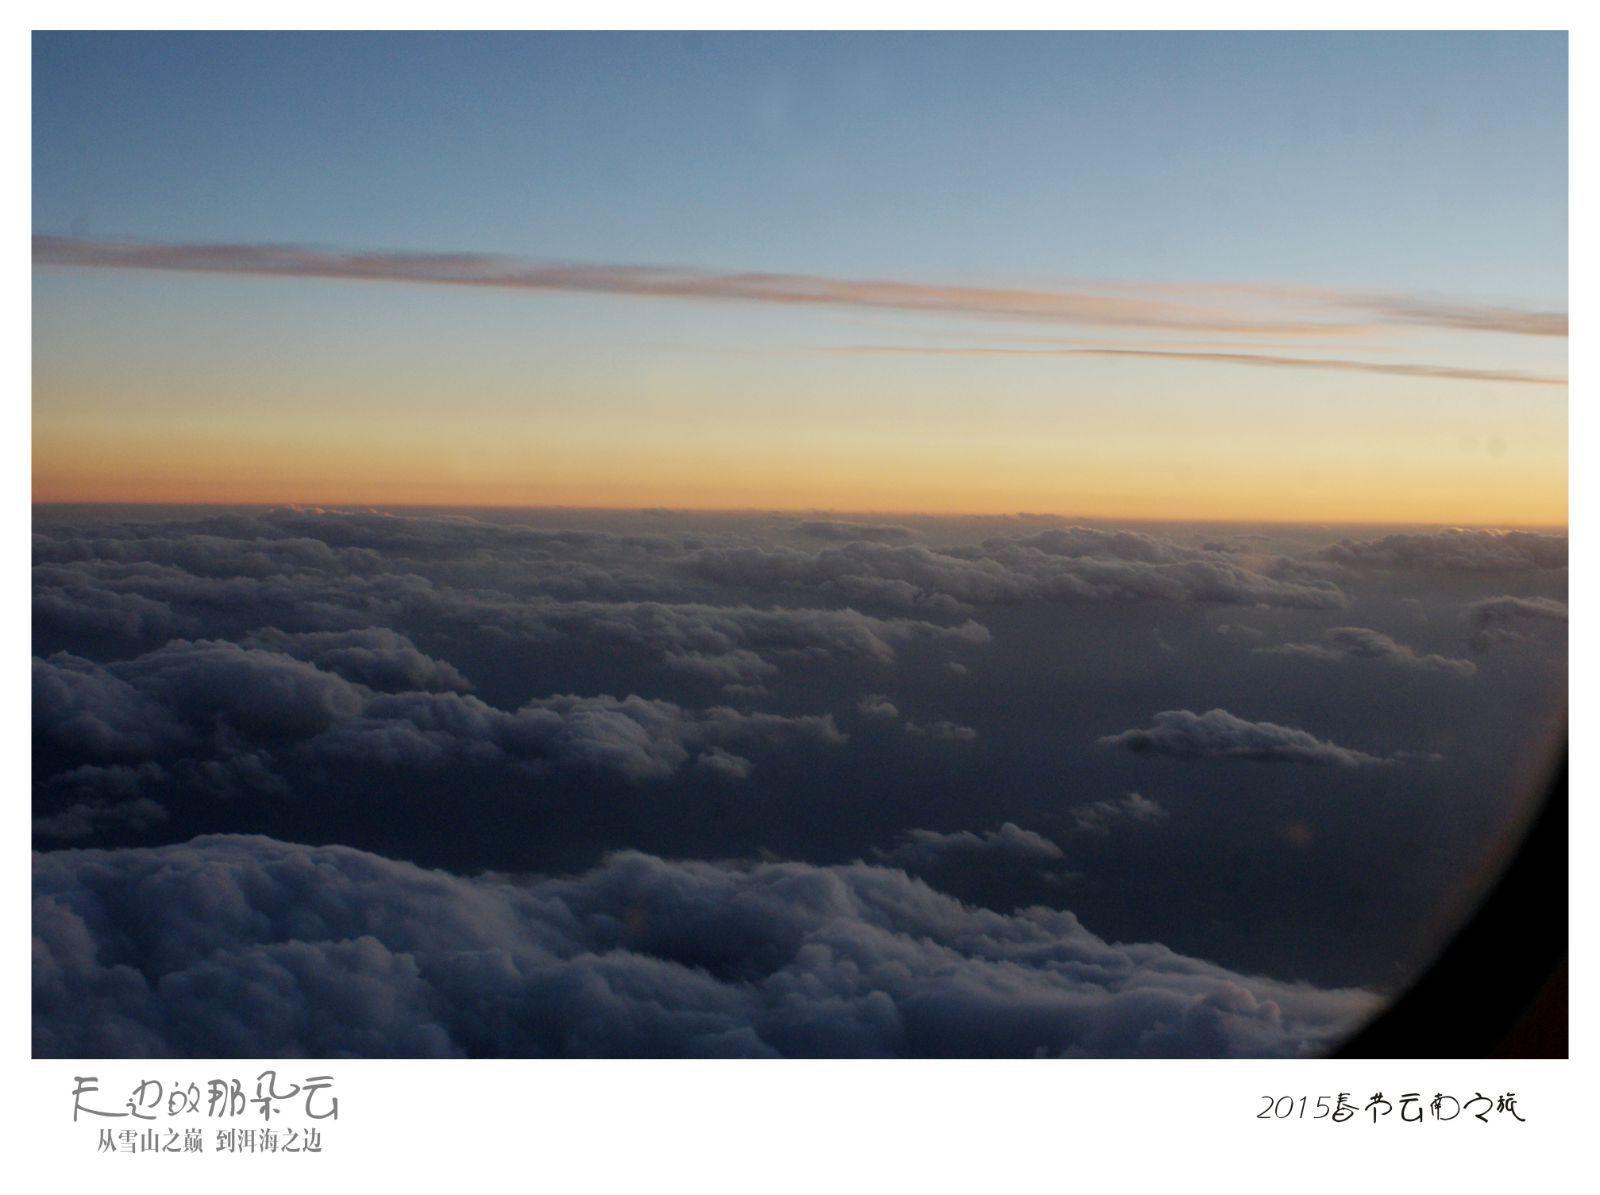 从合肥到丽江的飞机